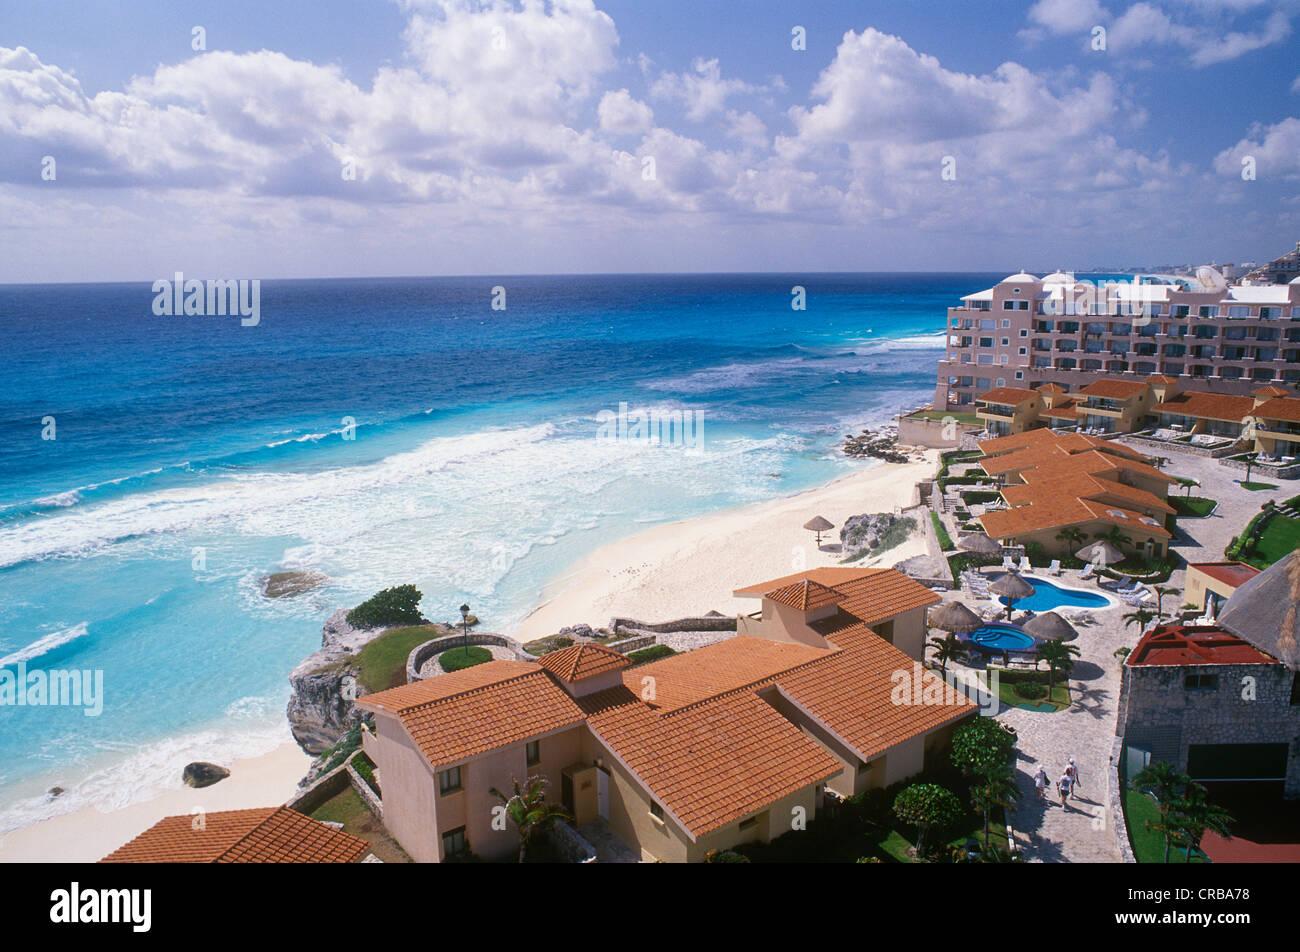 Hotel Beach Of Cancun Caribbean Quintana Roo Yucatan Peninsula